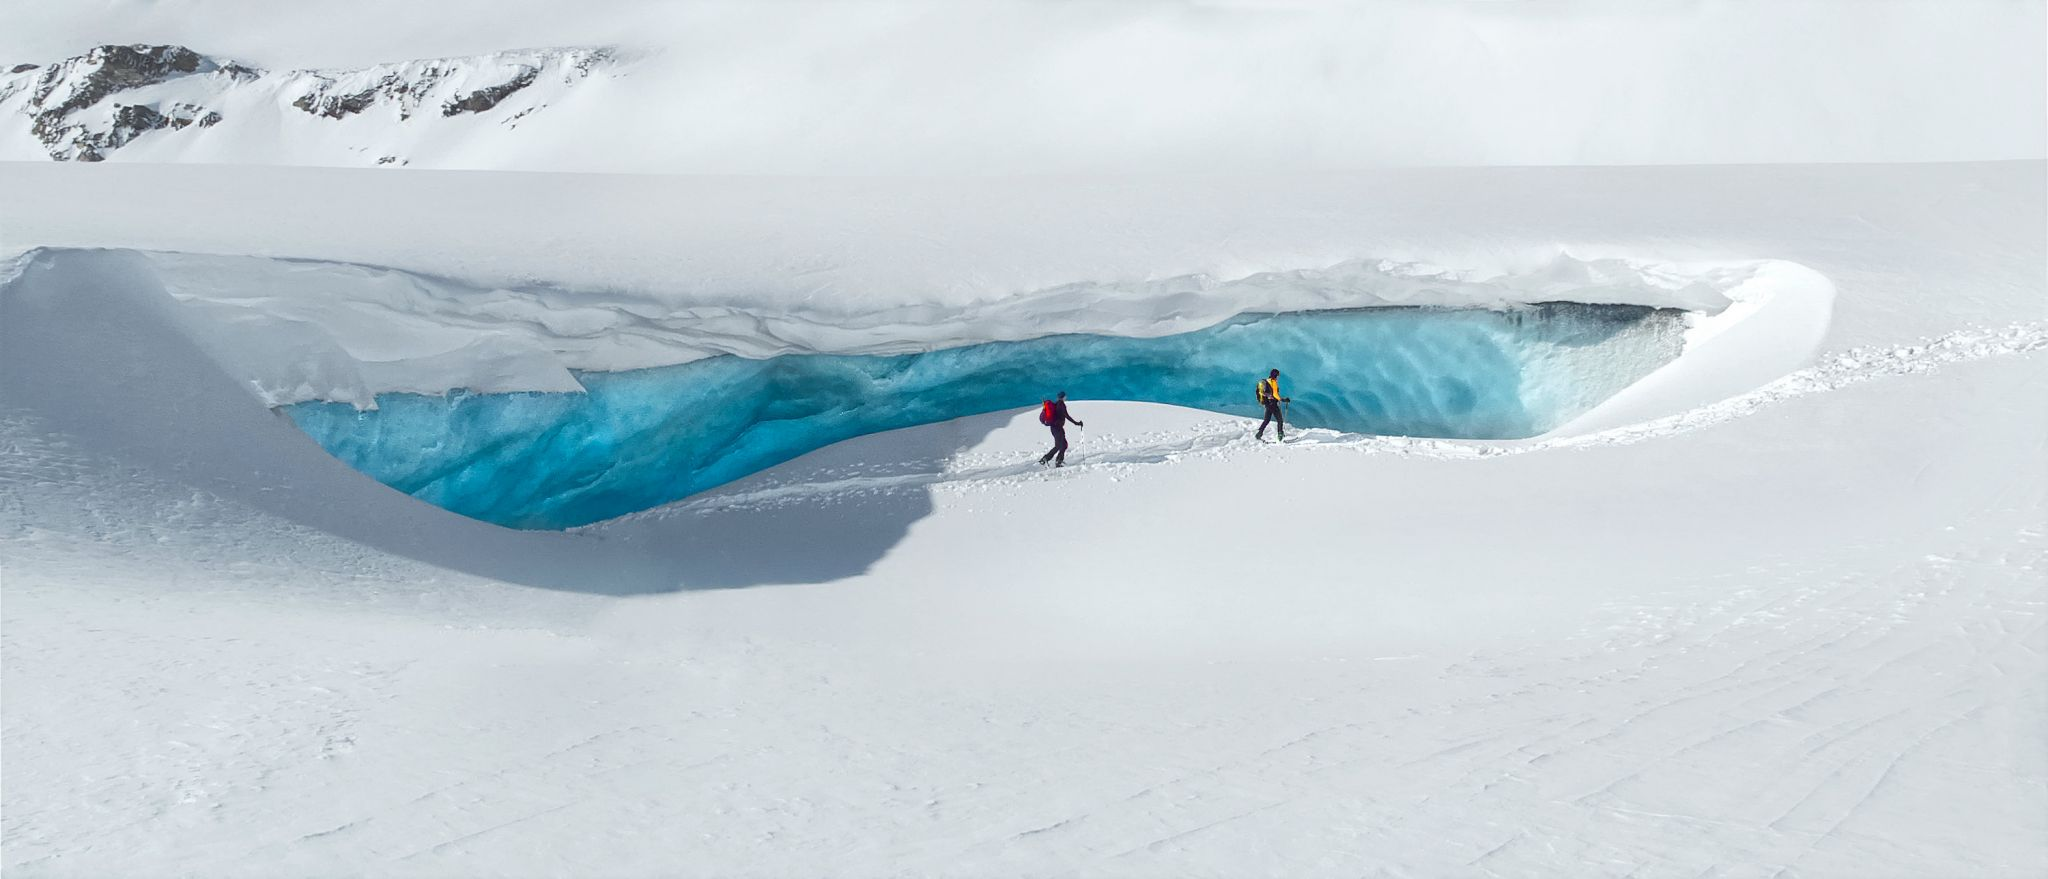 Wildstrubel gletscher, Switzerland